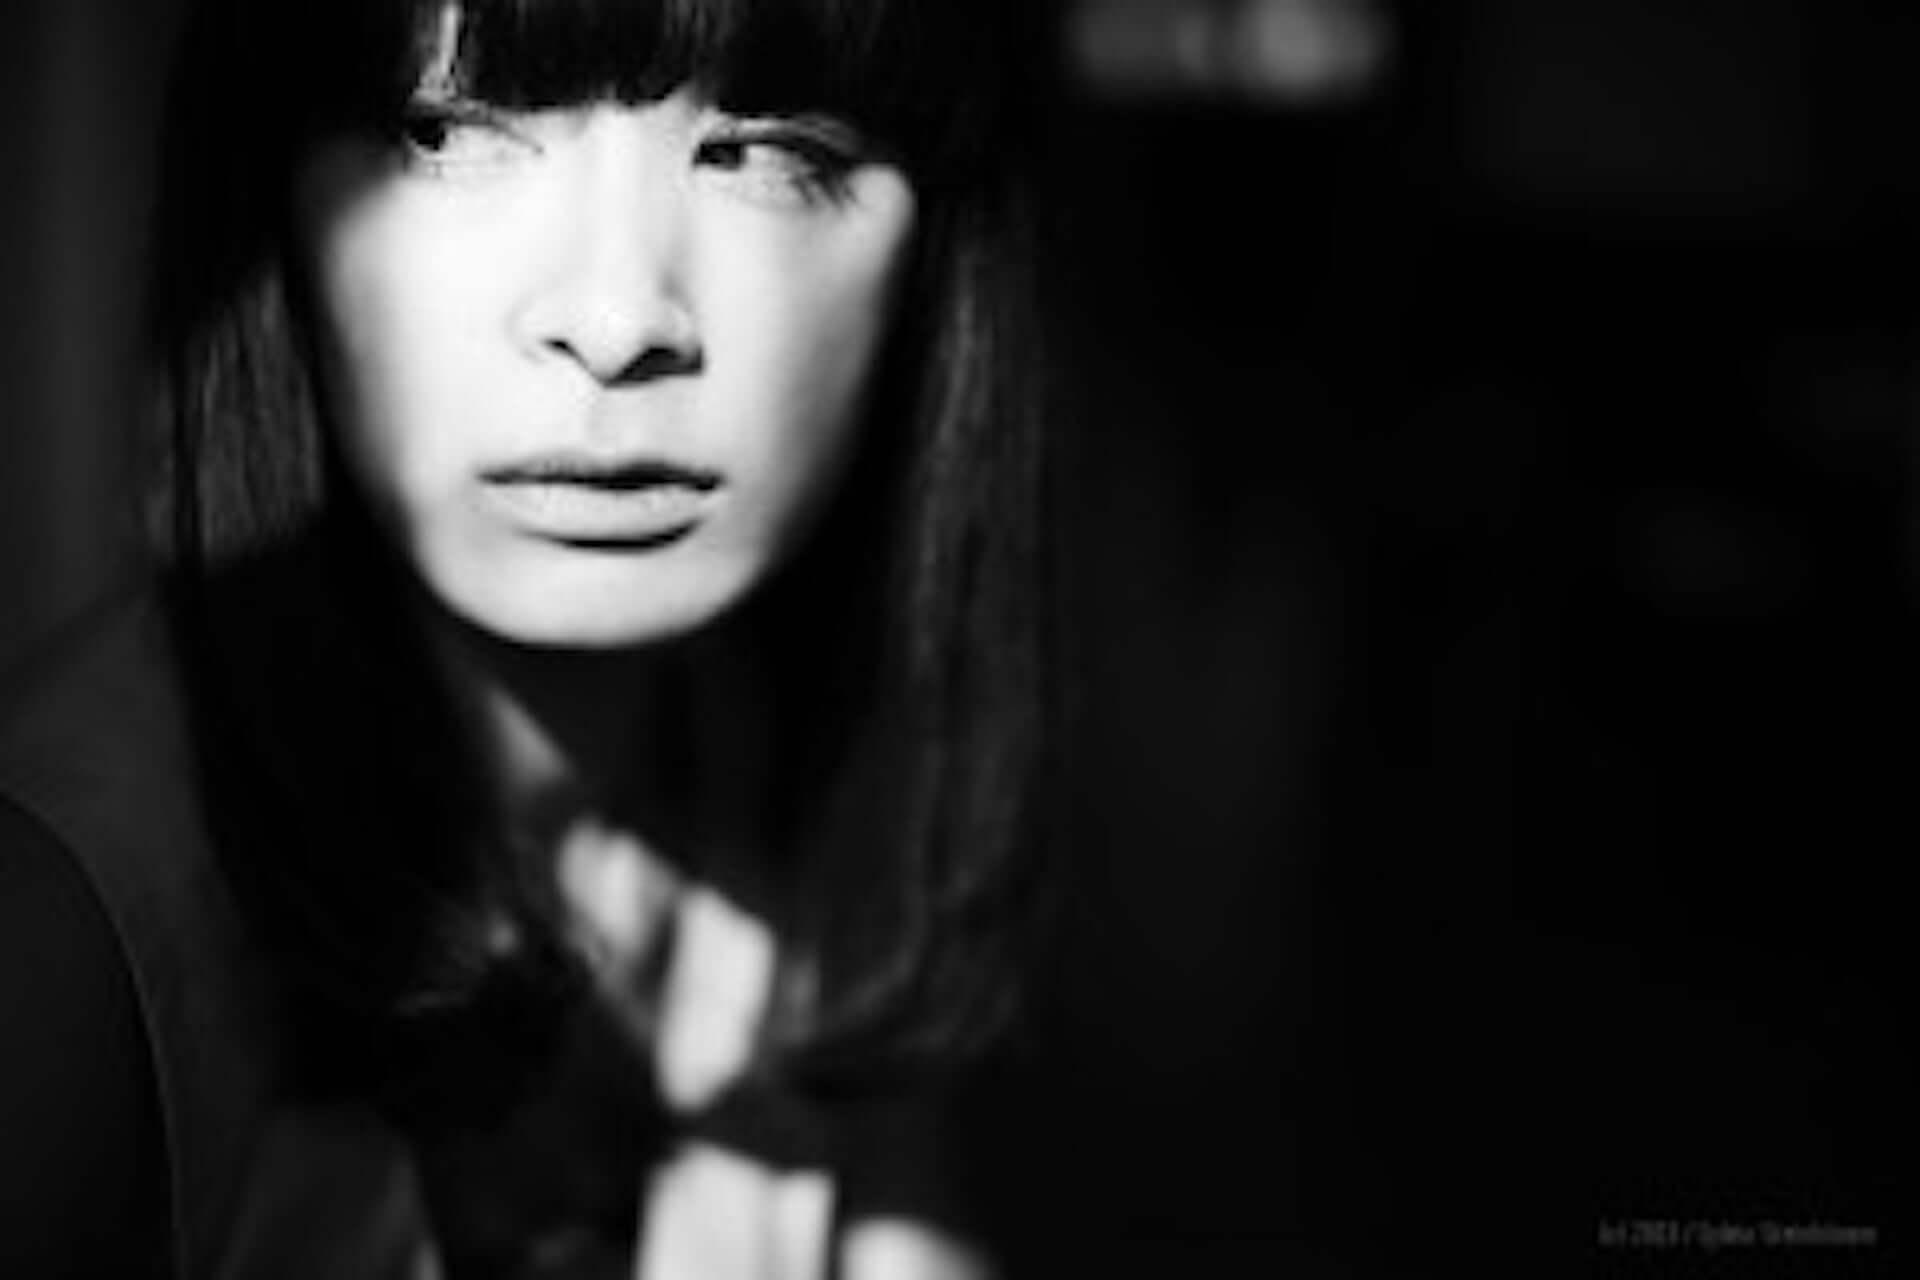 フェス<Warehouse project>のAphex Twinキュレート枠に日本人女性アーティスト・Kyokaの出演が決定 music190628kyoka_3-1920x1280